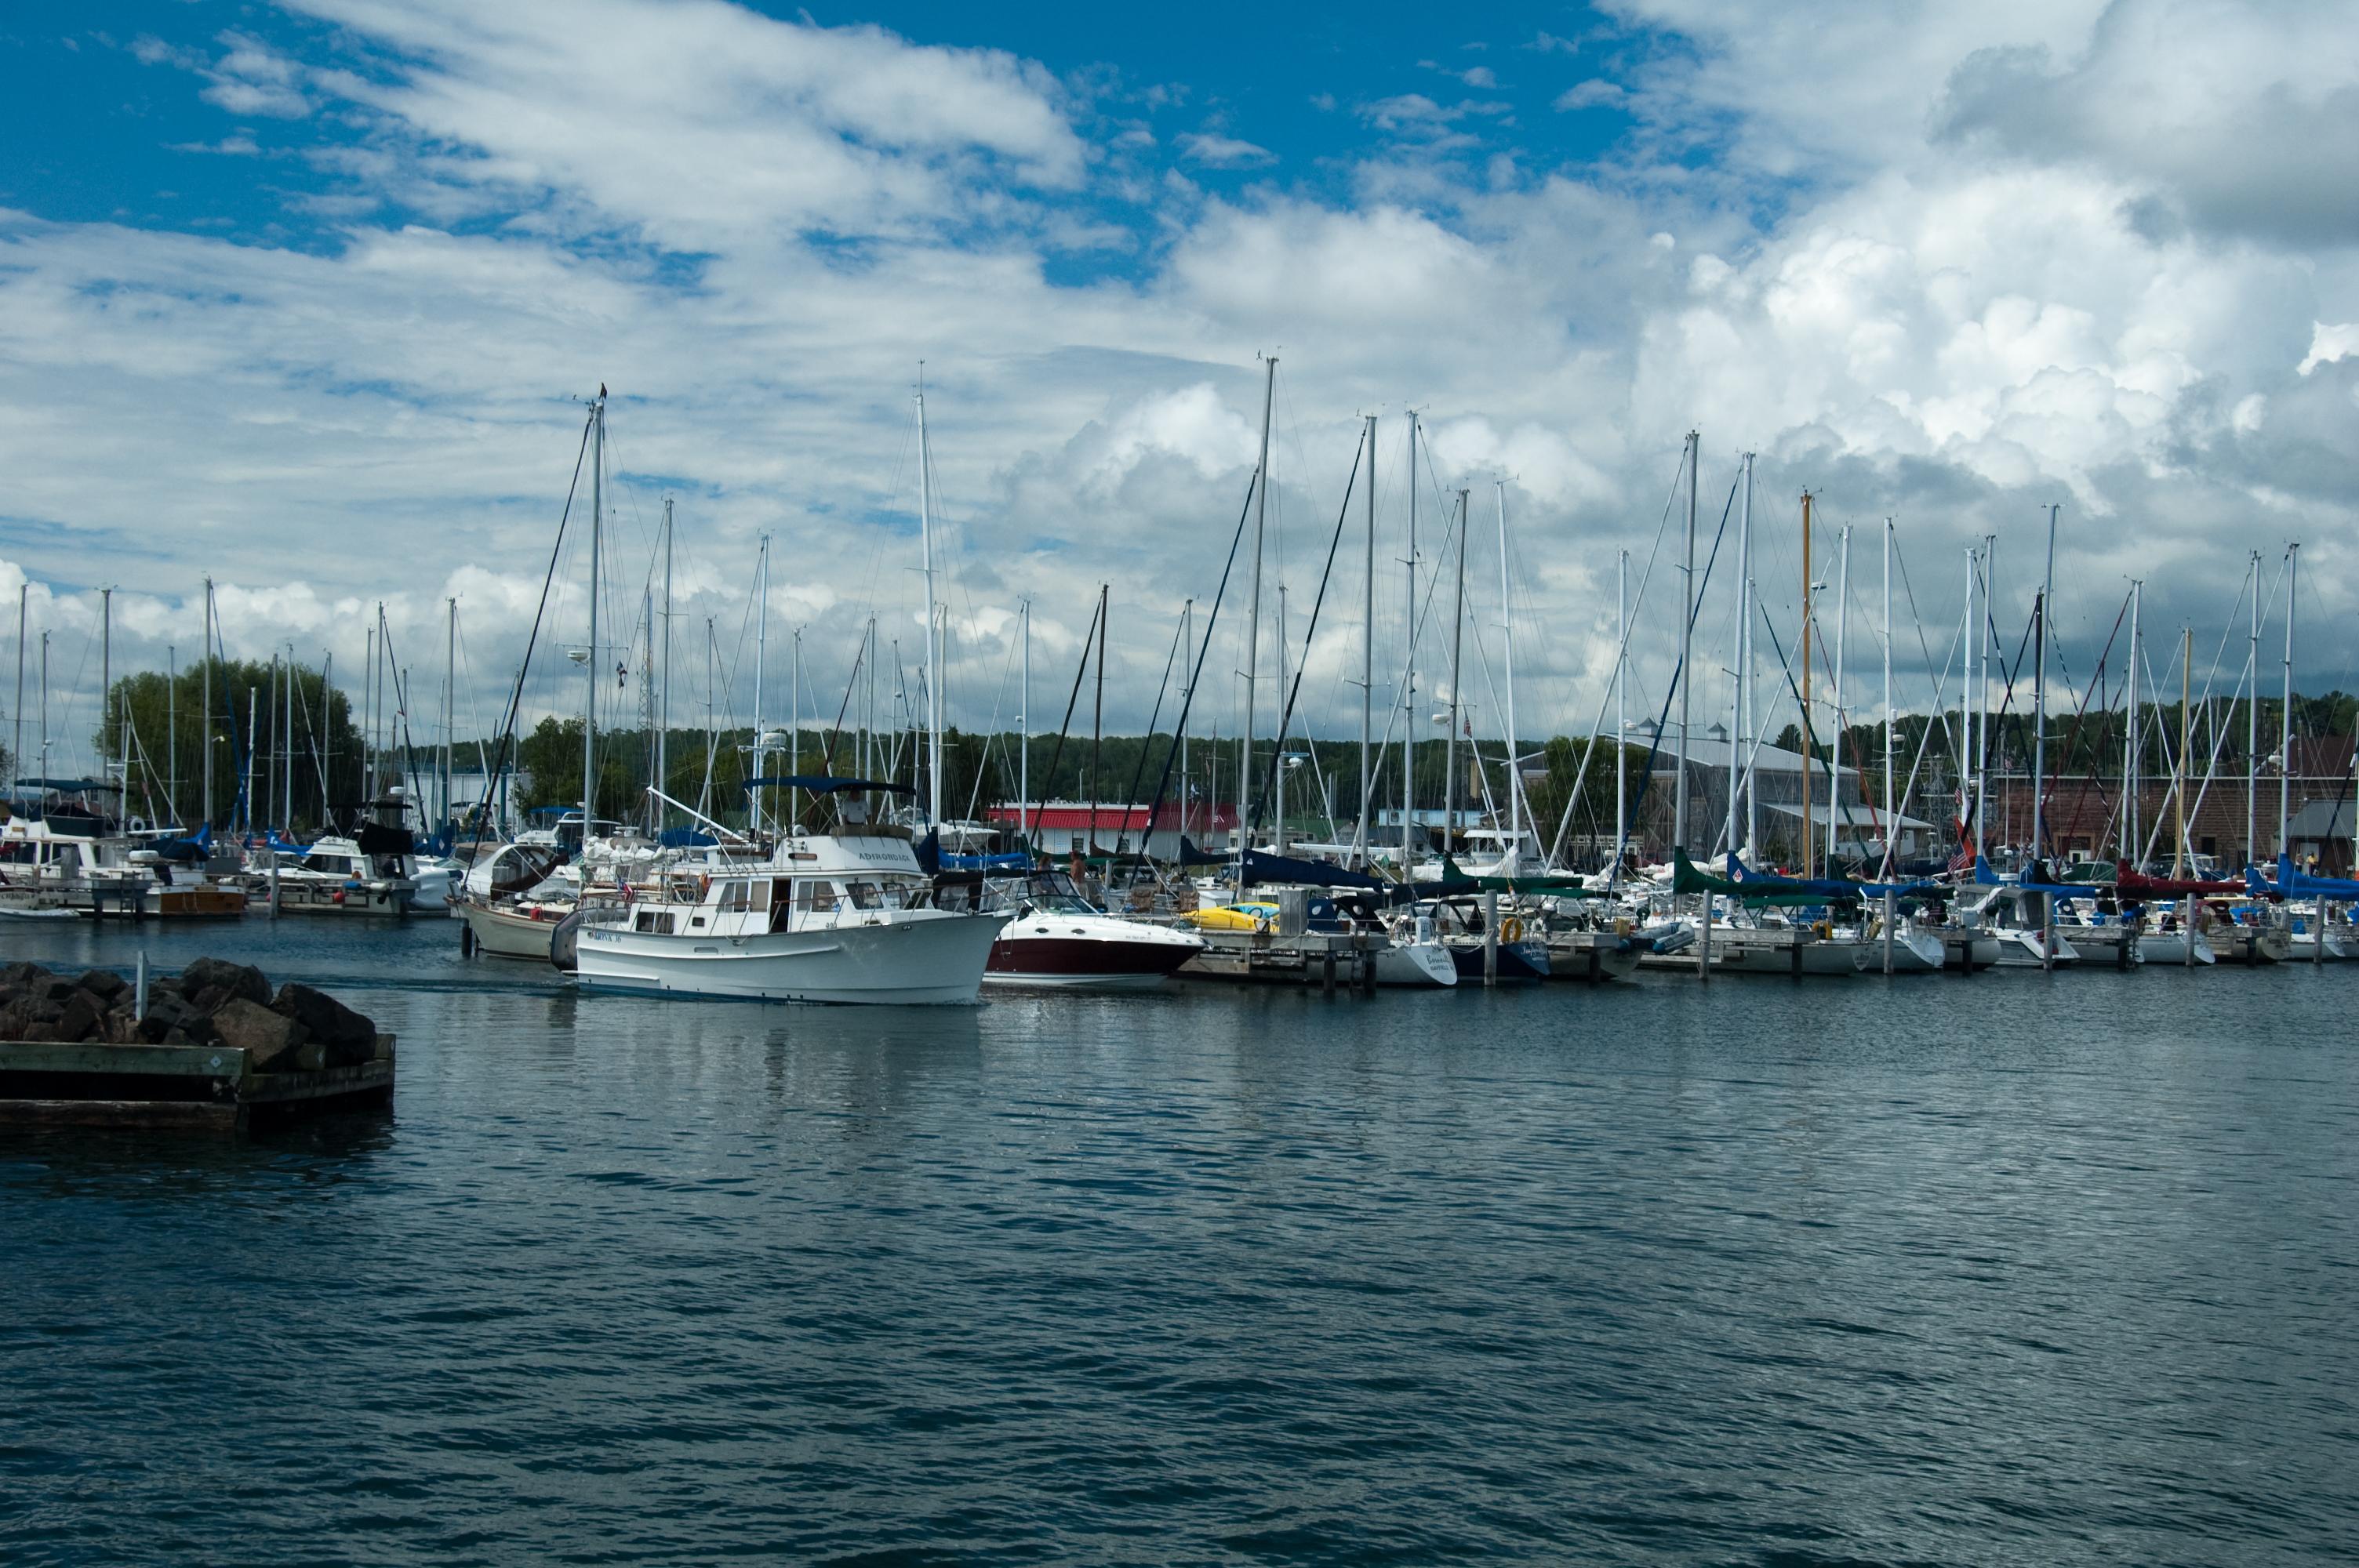 bayfield sailing boats